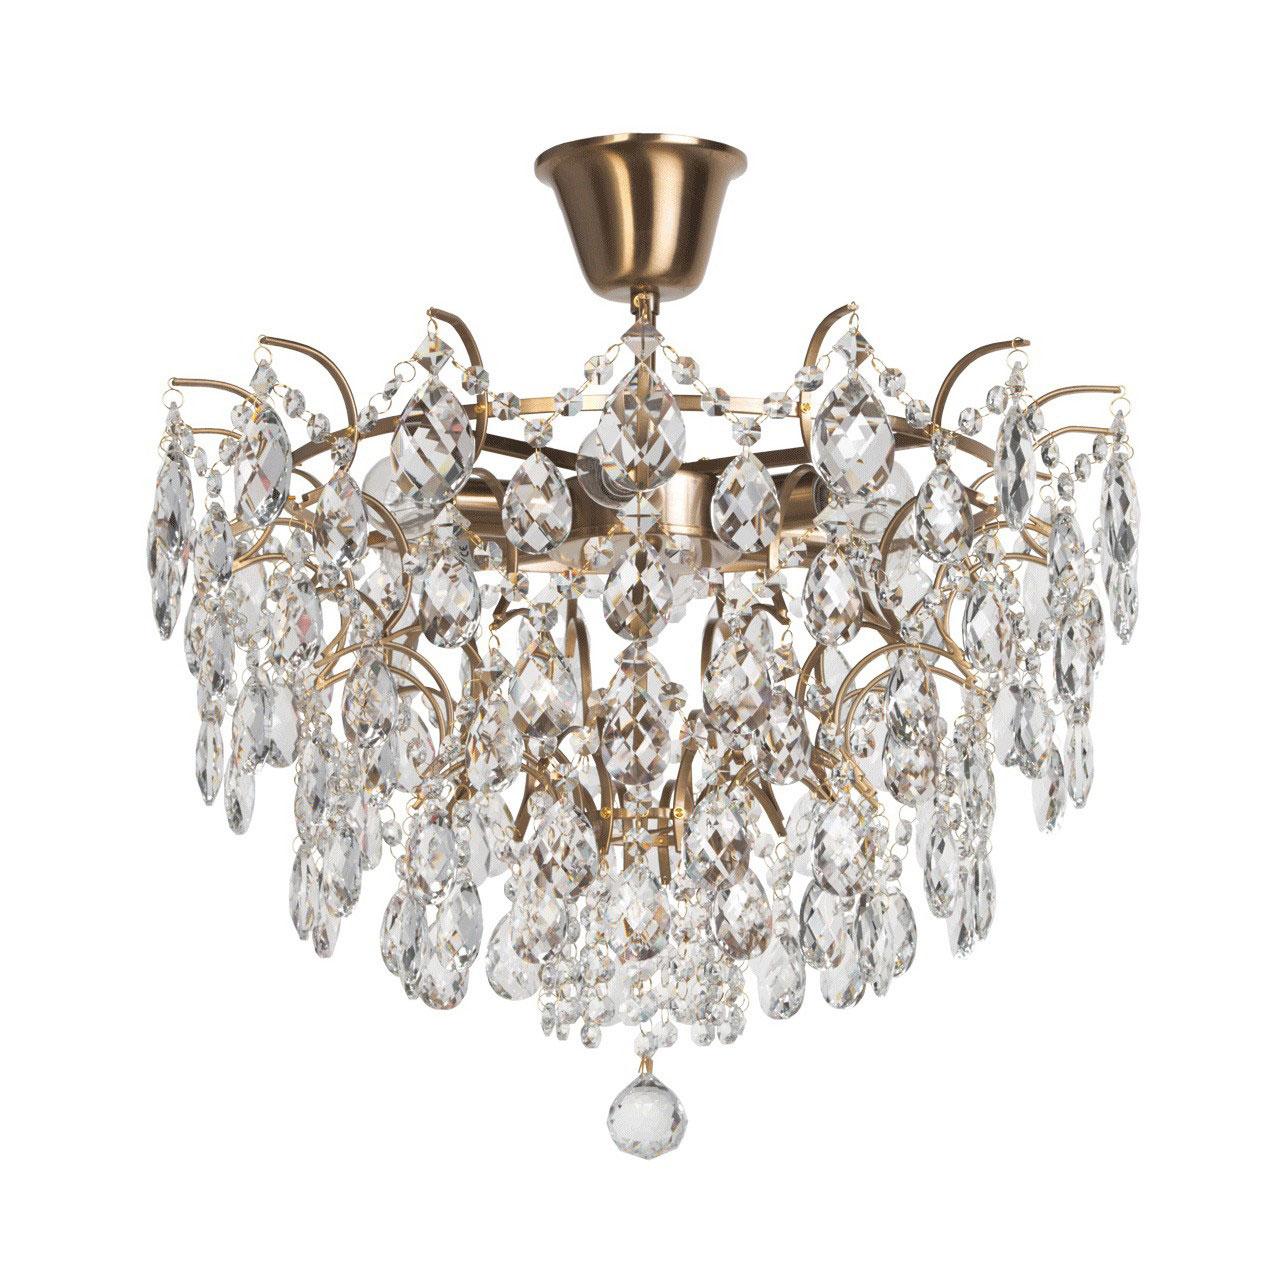 Люстра Mw lightЛюстры<br>Назначение светильника: для спальни, Стиль светильника: классика, Тип: потолочная, Материал светильника: металл, хрусталь, Материал плафона: хрусталь, Материал арматуры: металл, Длина (мм): 540, Ширина: 540, Высота: 520, Количество ламп: 6, Тип лампы: накаливания, Мощность: 60, Патрон: Е14, Цвет арматуры: бронза, Родина бренда: Германия, Коллекция: Изабелла<br>